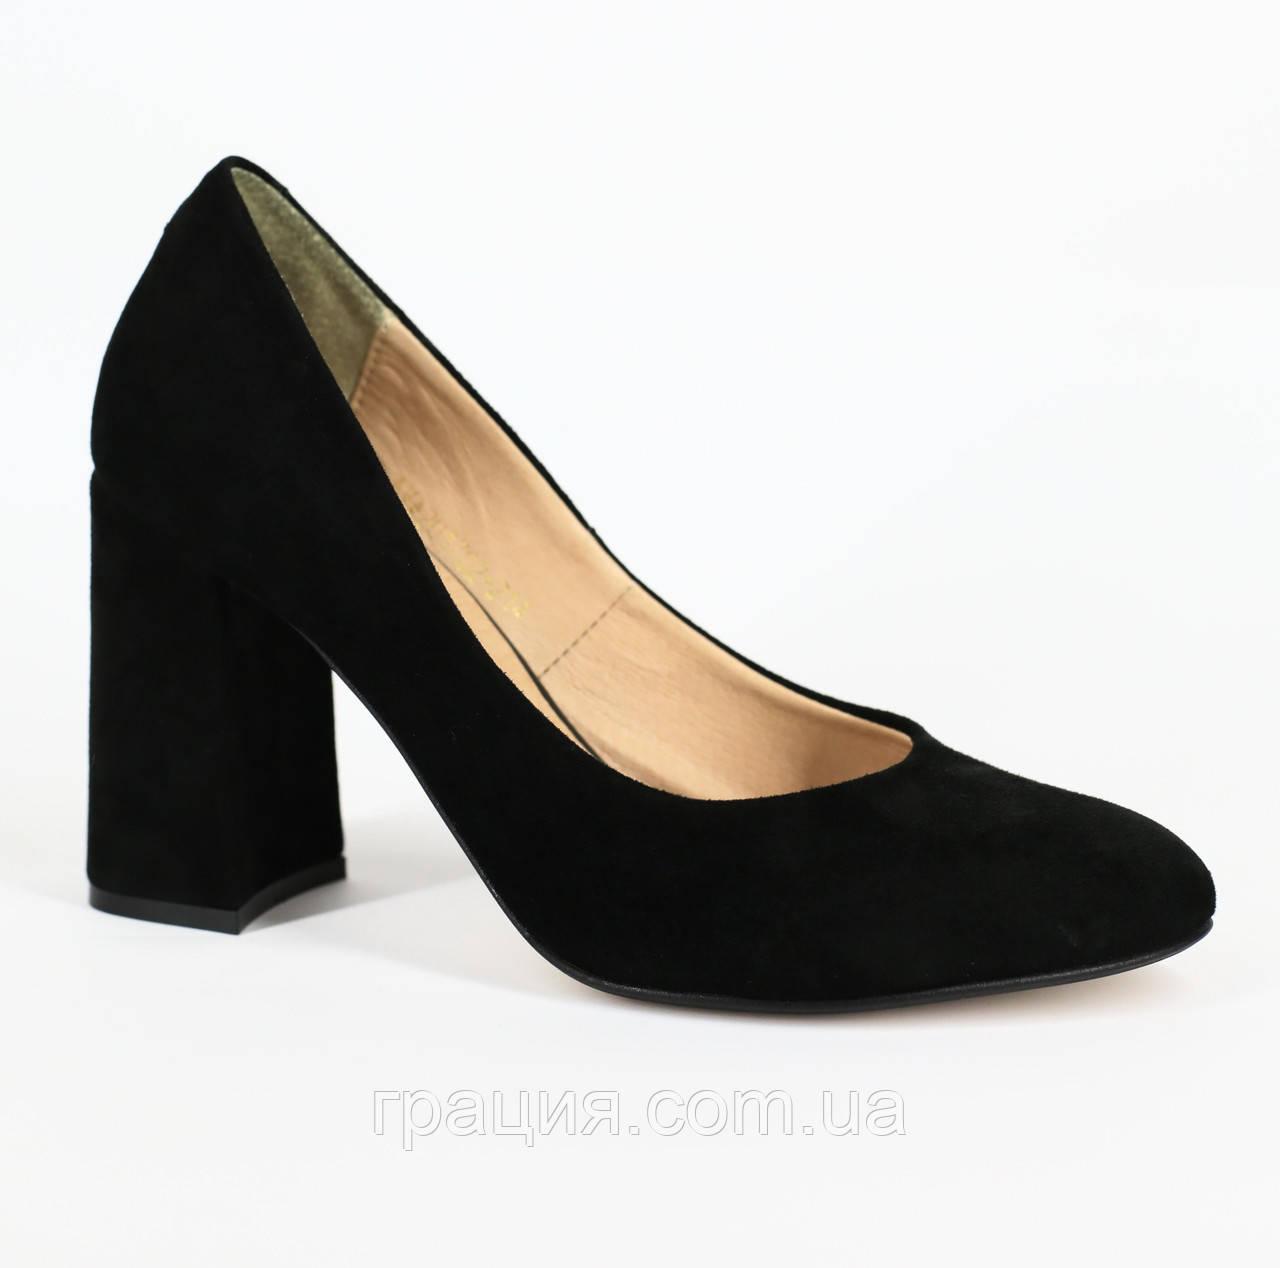 Жіночі модні туфлі замшеві натуральні на підборах чорні